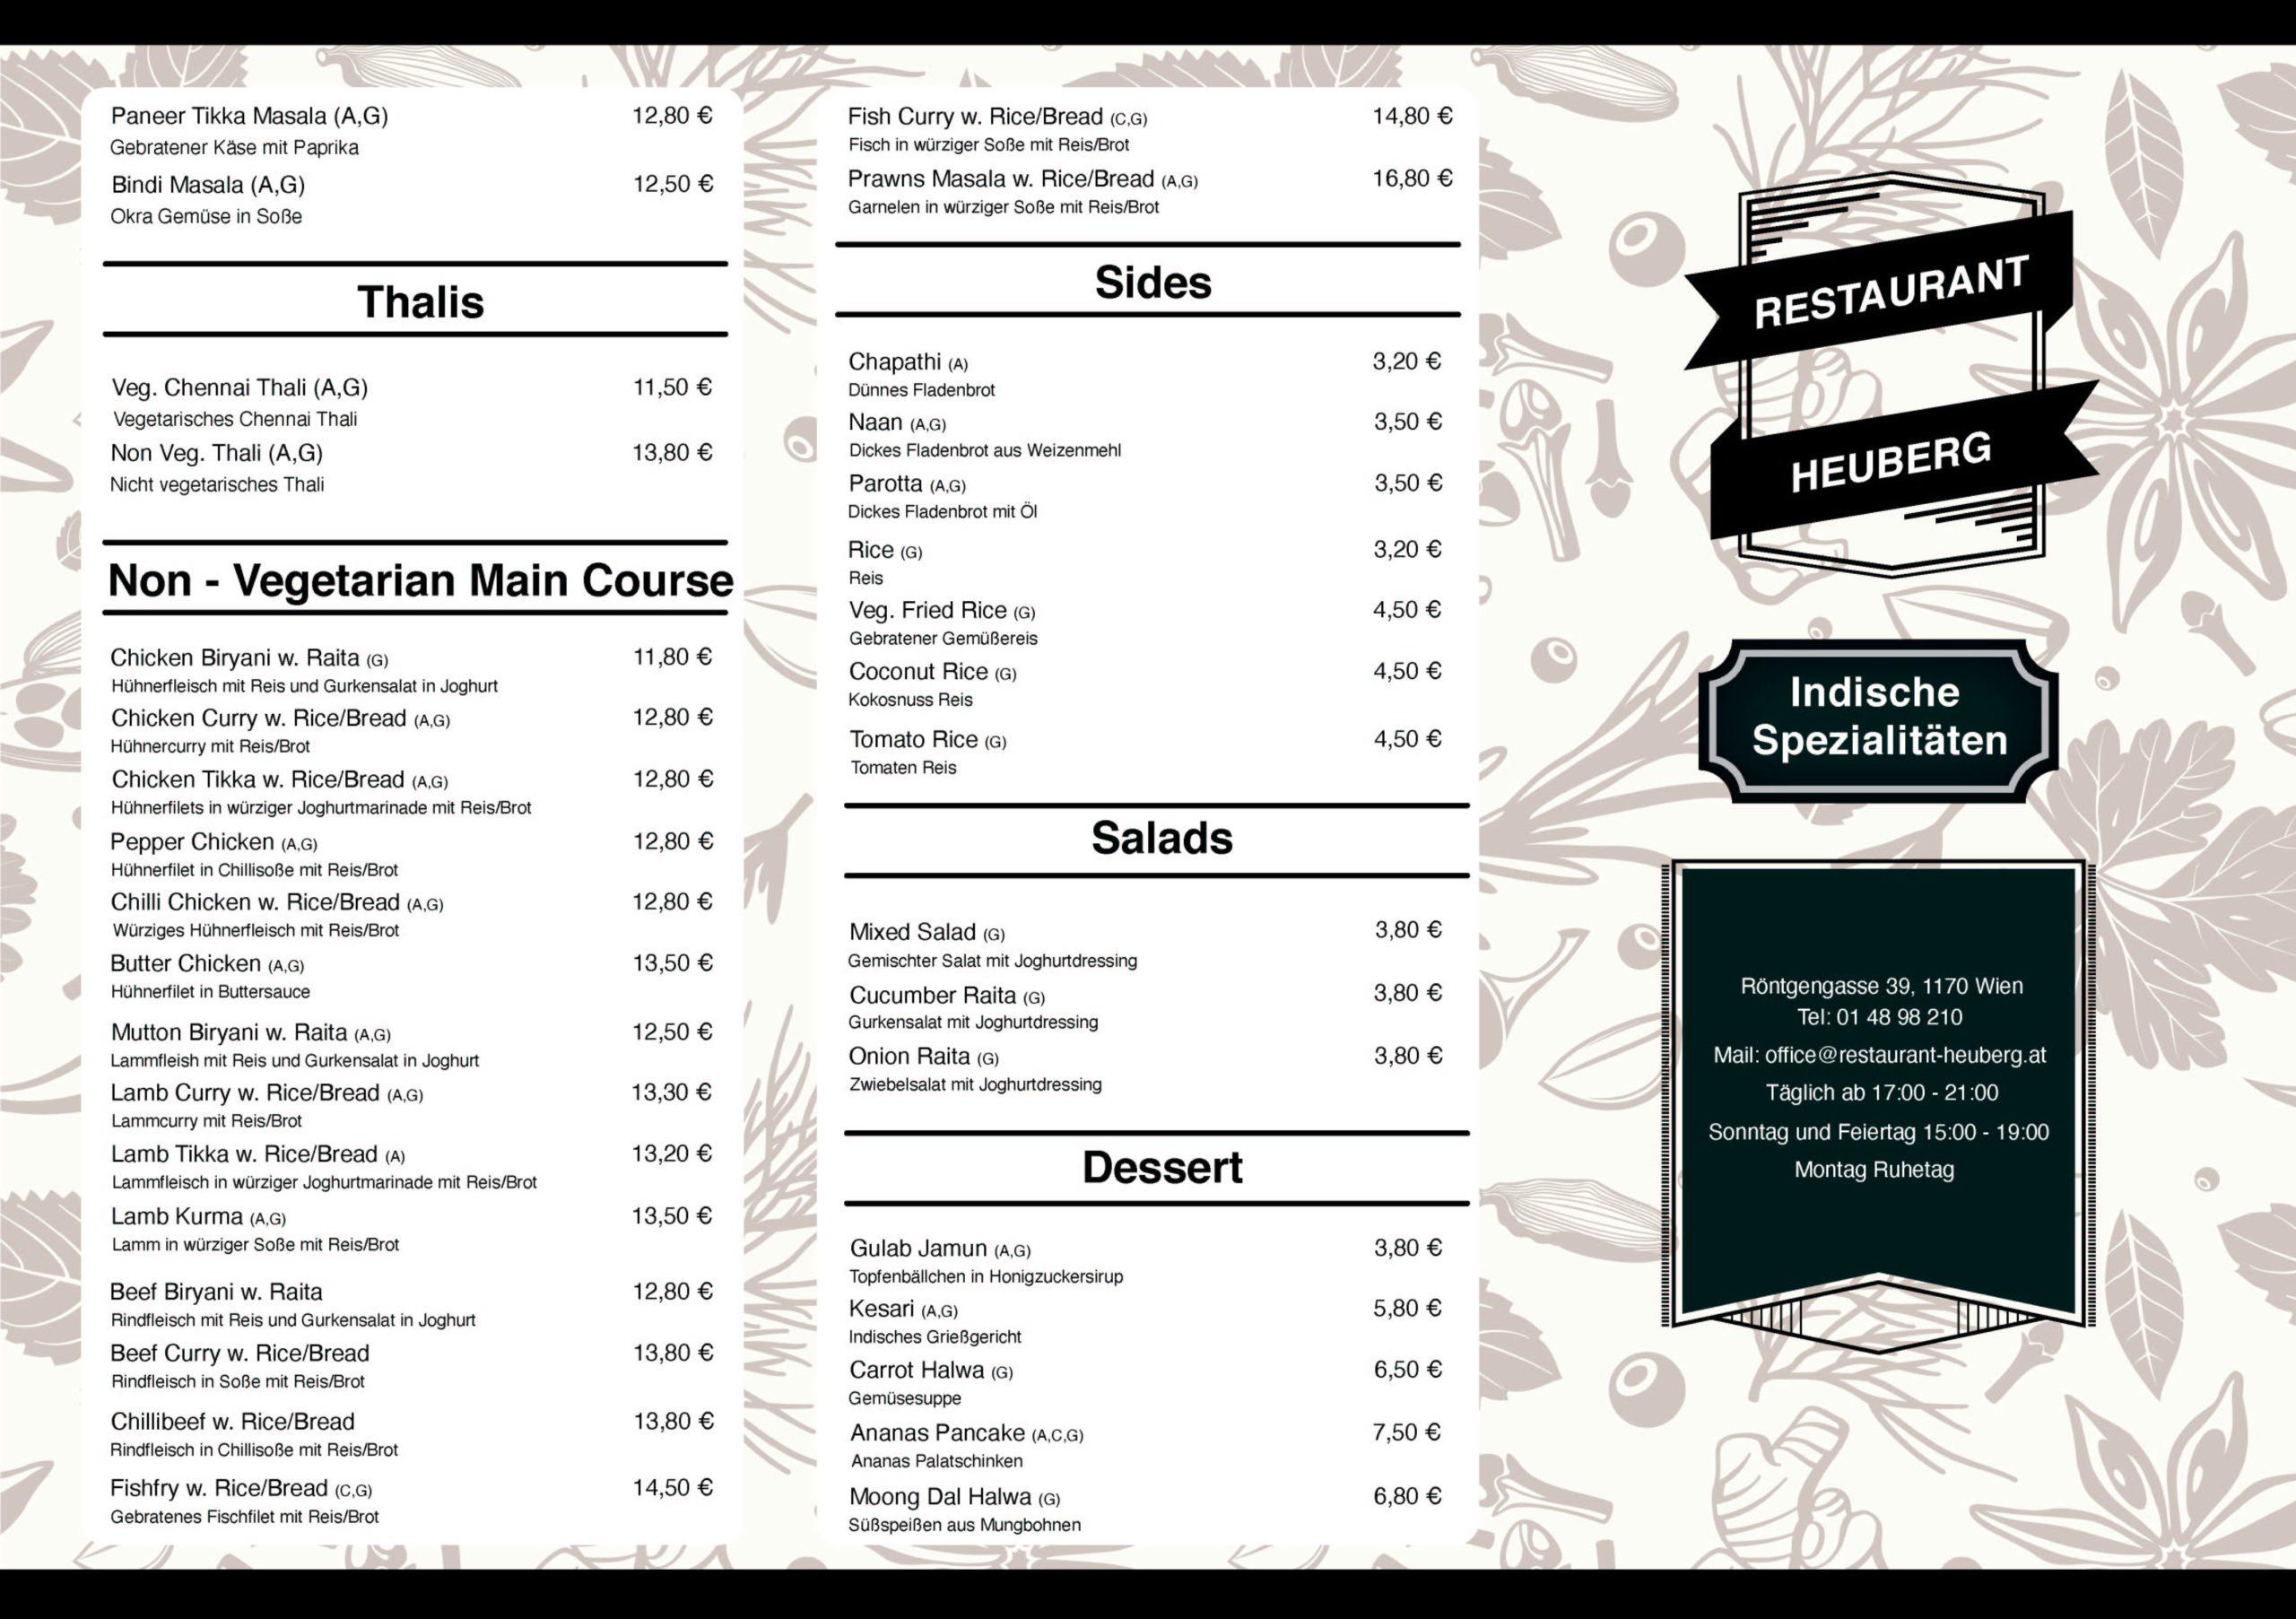 Indian Food Land 1170 Wien Restaurant Heuberg eh Wiener Schutzhaus Hernals Wien,17 Page 2